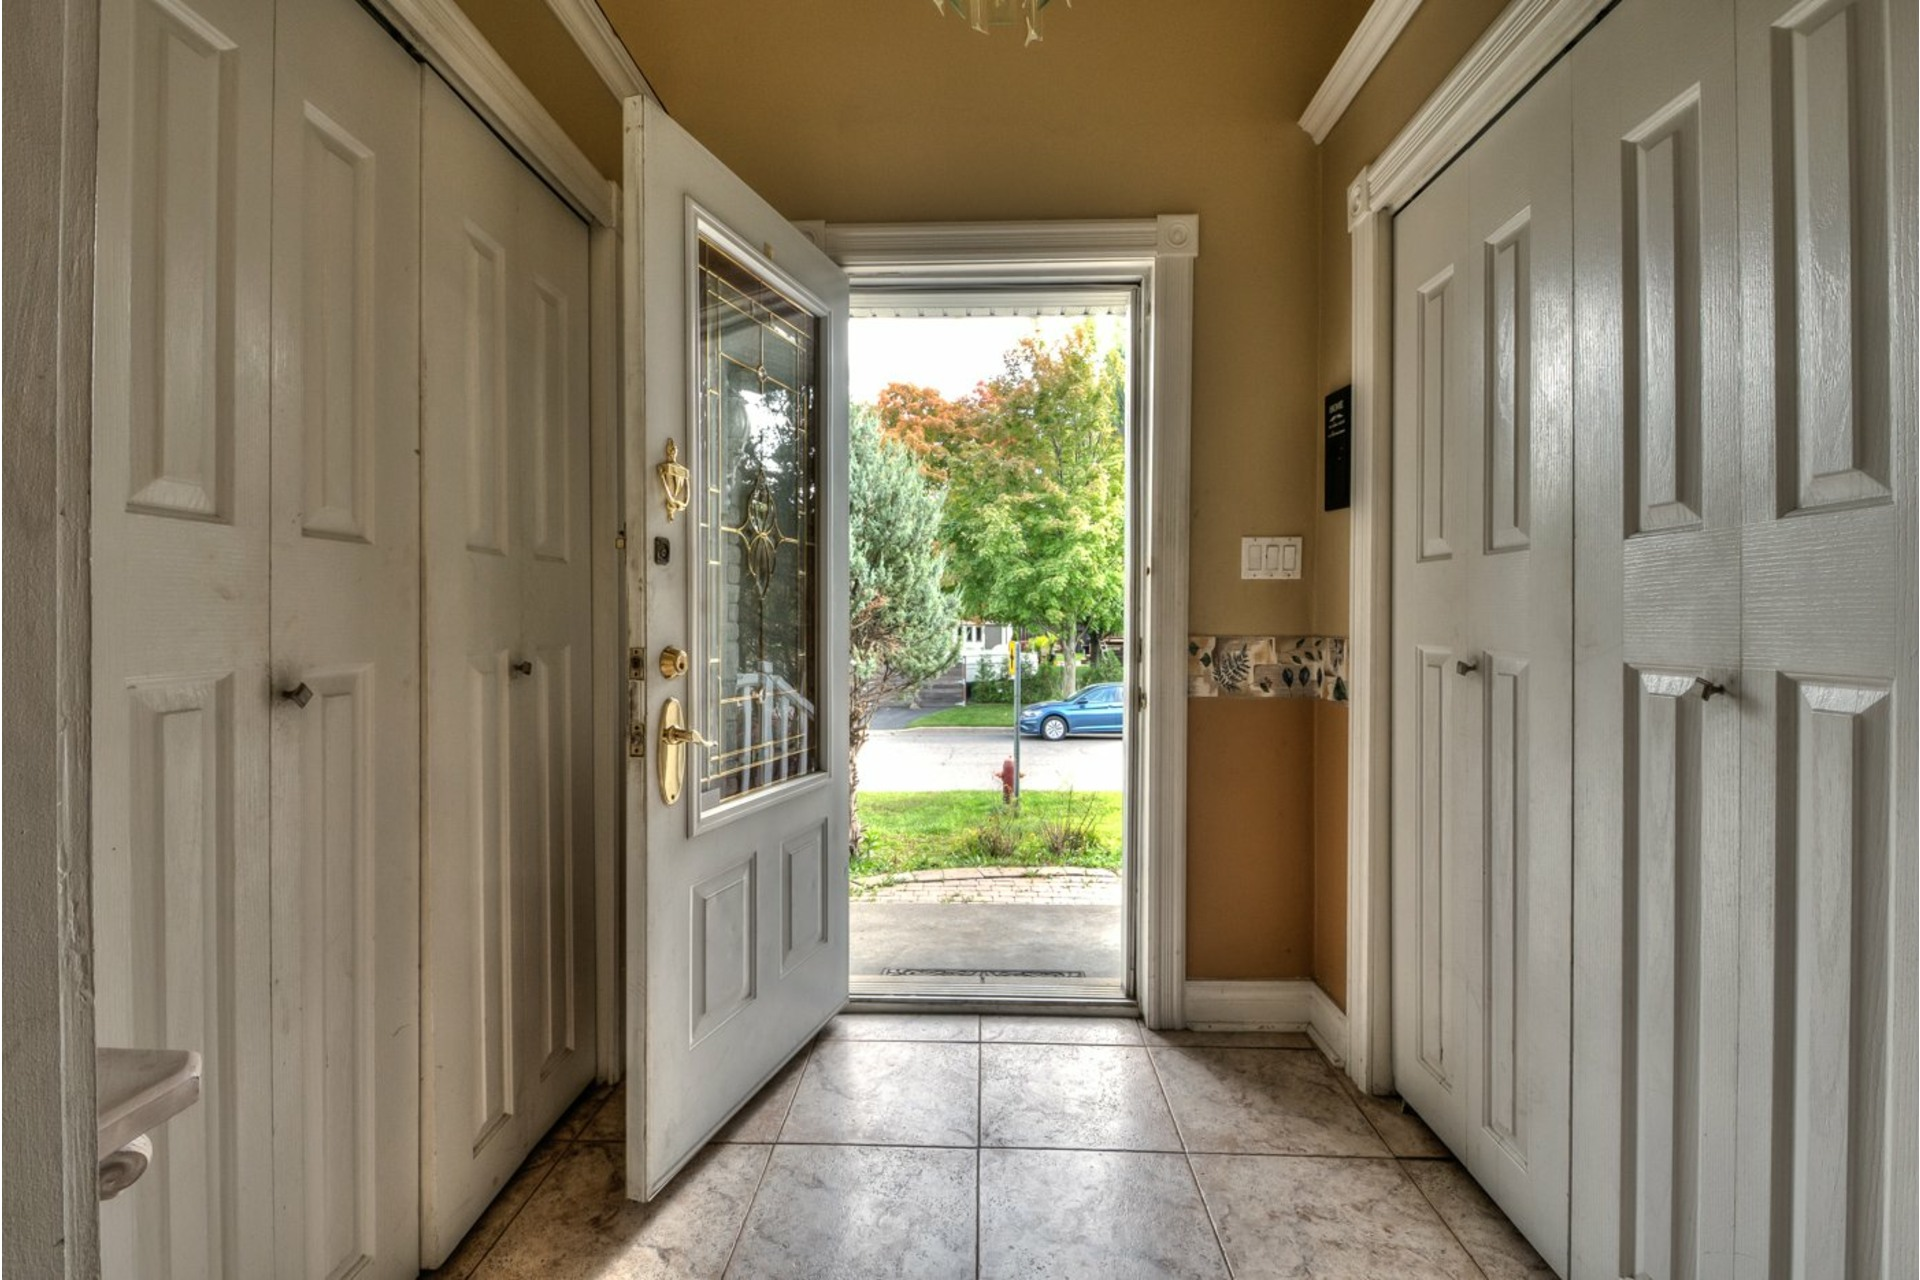 image 3 - Maison À vendre Saint-Bruno-de-Montarville - 14 pièces